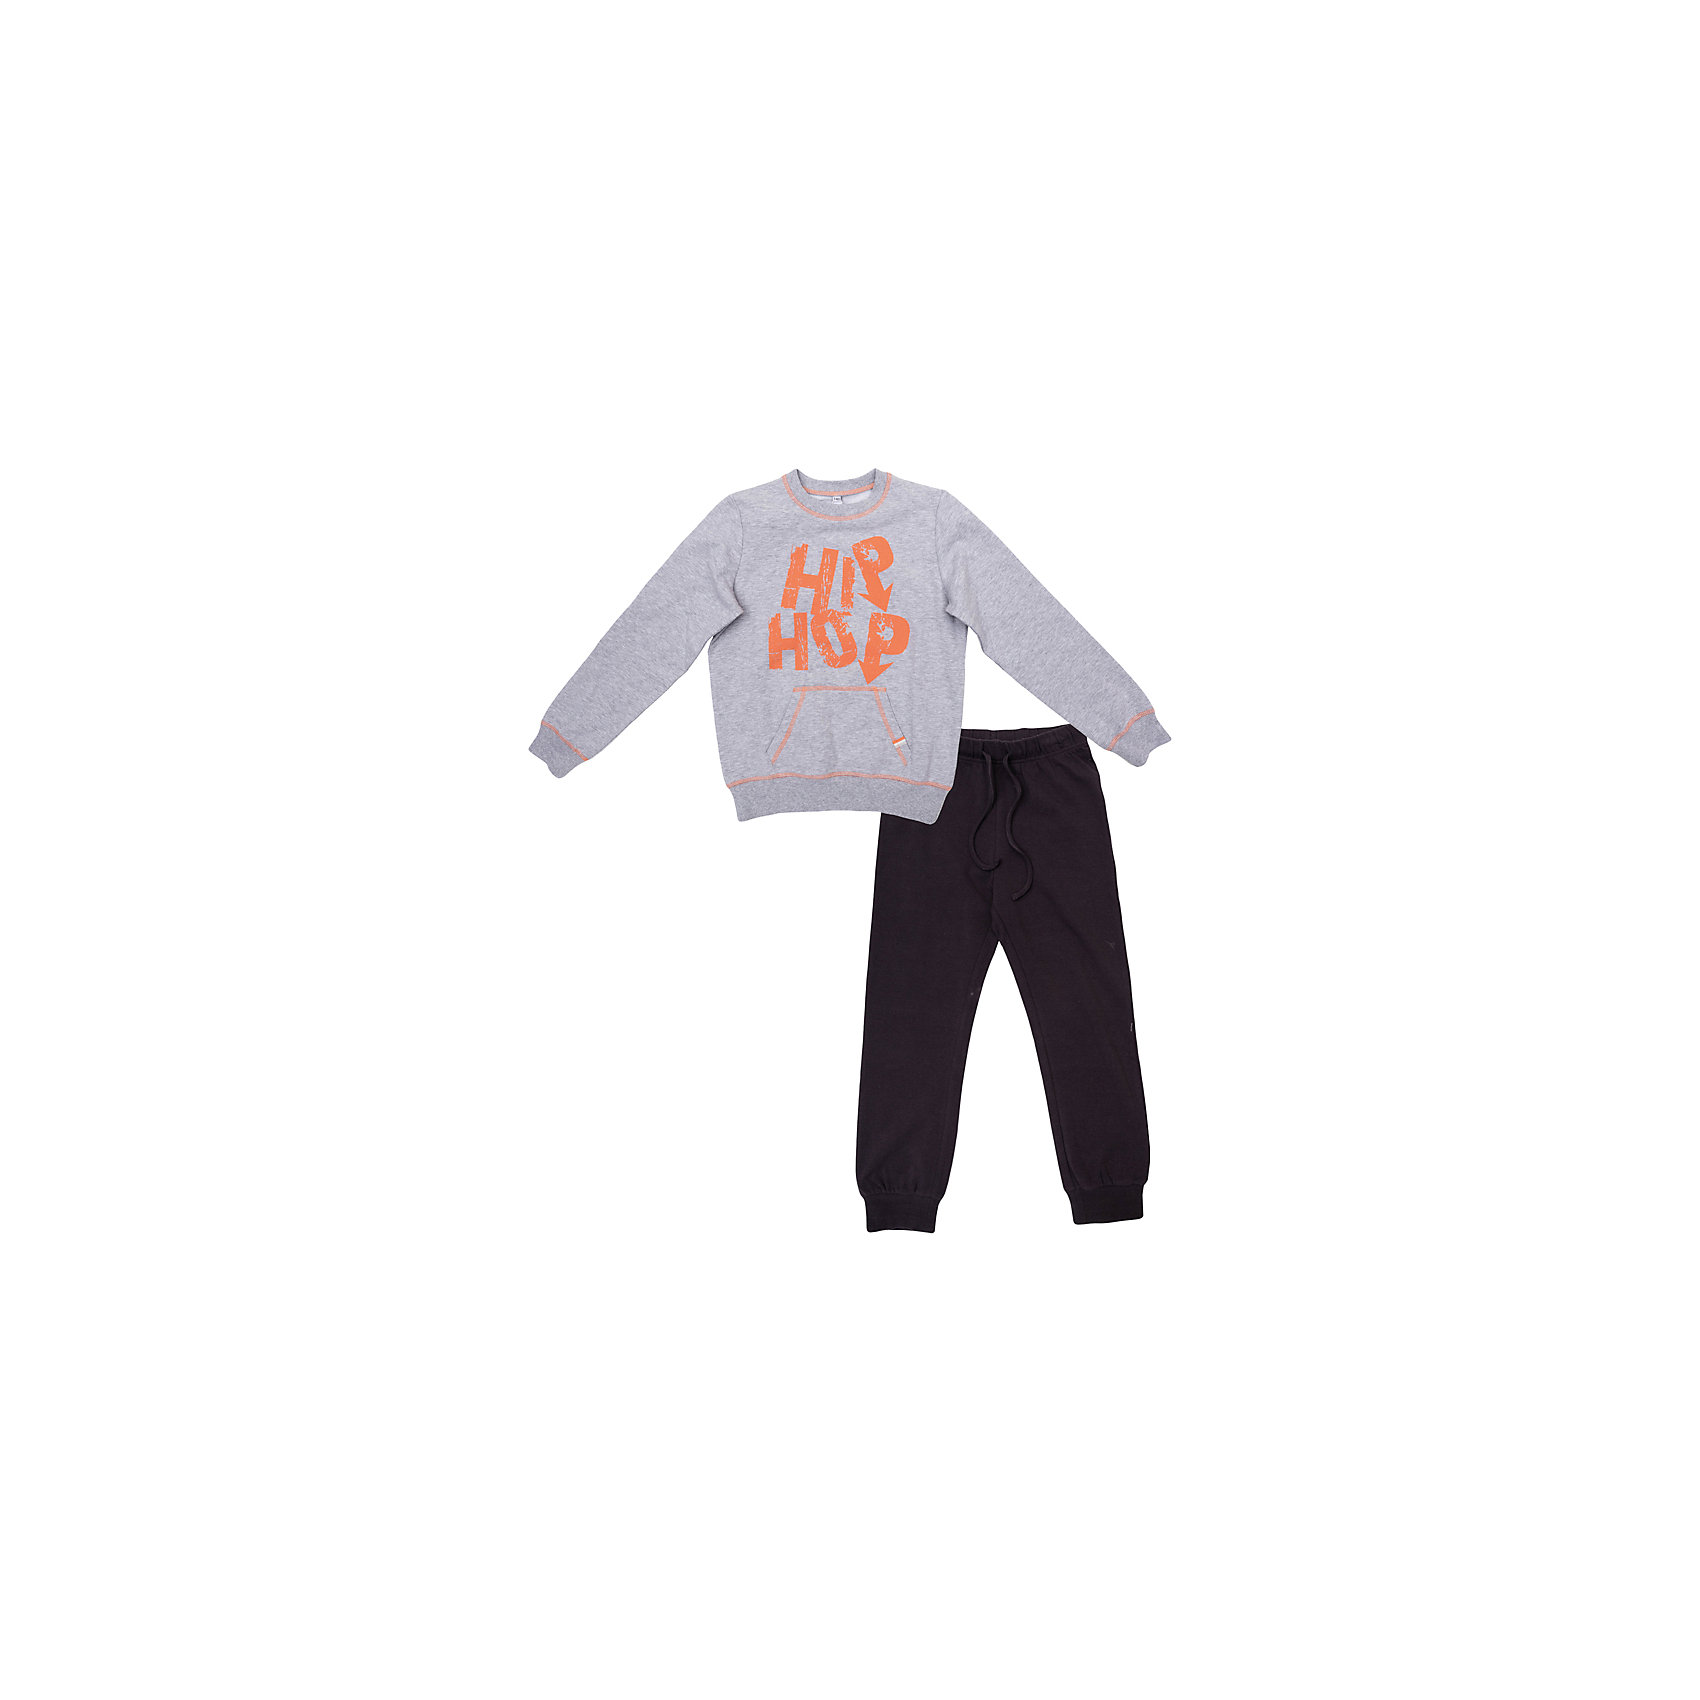 Комплект: толстовка и брюки для мальчика ScoolКомплекты<br>Комплект: толстовка и брюки для мальчика Scool – идеальный вариант для спортивной формы.<br>Черные штаны свободного покроя, снизу утягиваются резинкой. Регулируются веревочками. Серая кофта с оранжевой надписью, также утягивается резинками внизу и на рукавах. Теплый, но в тоже время дышащий комплект изготовлен из качественного материала, который не вызывает аллергии.<br><br>Дополнительная информация:<br><br>- материал: 95% хлопок, 5% эластан<br>- цвет: серый, черный<br>- в комплекте: толстовка и брюки<br><br>Комплект: толстовка и брюки для мальчика Scool можно купить в нашем интернет магазине.<br><br>Ширина мм: 215<br>Глубина мм: 88<br>Высота мм: 191<br>Вес г: 336<br>Цвет: черный<br>Возраст от месяцев: 120<br>Возраст до месяцев: 132<br>Пол: Мужской<br>Возраст: Детский<br>Размер: 158,152,140,164,134,146<br>SKU: 4911675